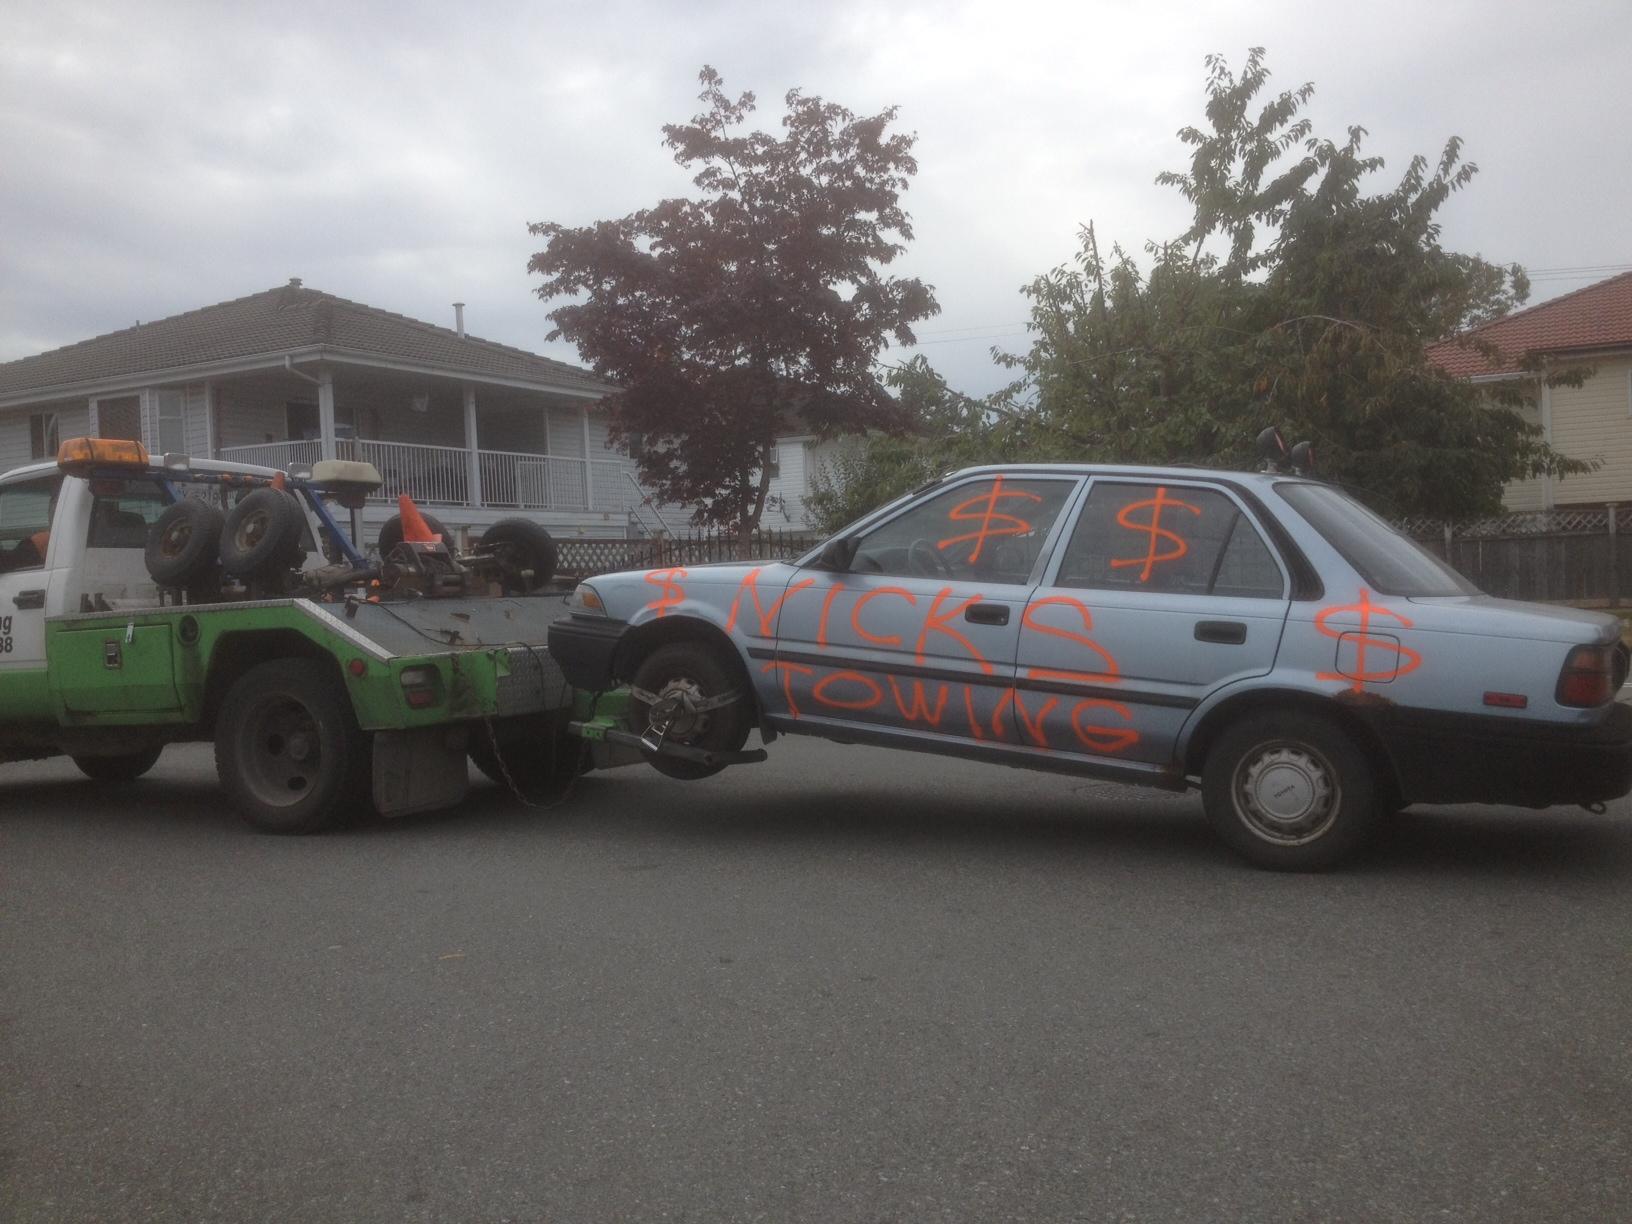 car removal surrey | Junk Car Removal